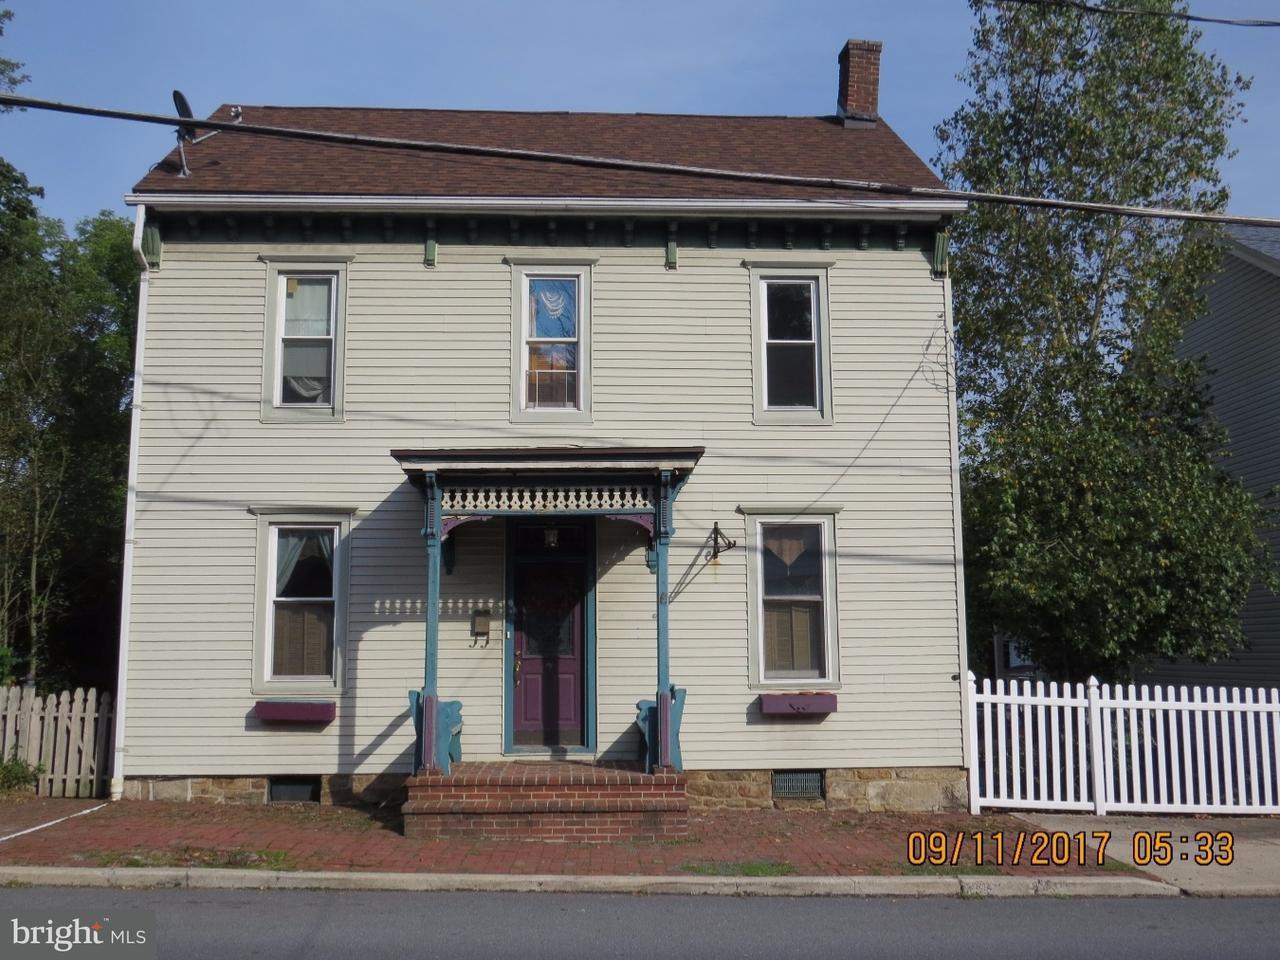 Частный односемейный дом для того Продажа на 267 S TULPEHOCKEN Street Pine Grove, Пенсильвания 17963 Соединенные Штаты